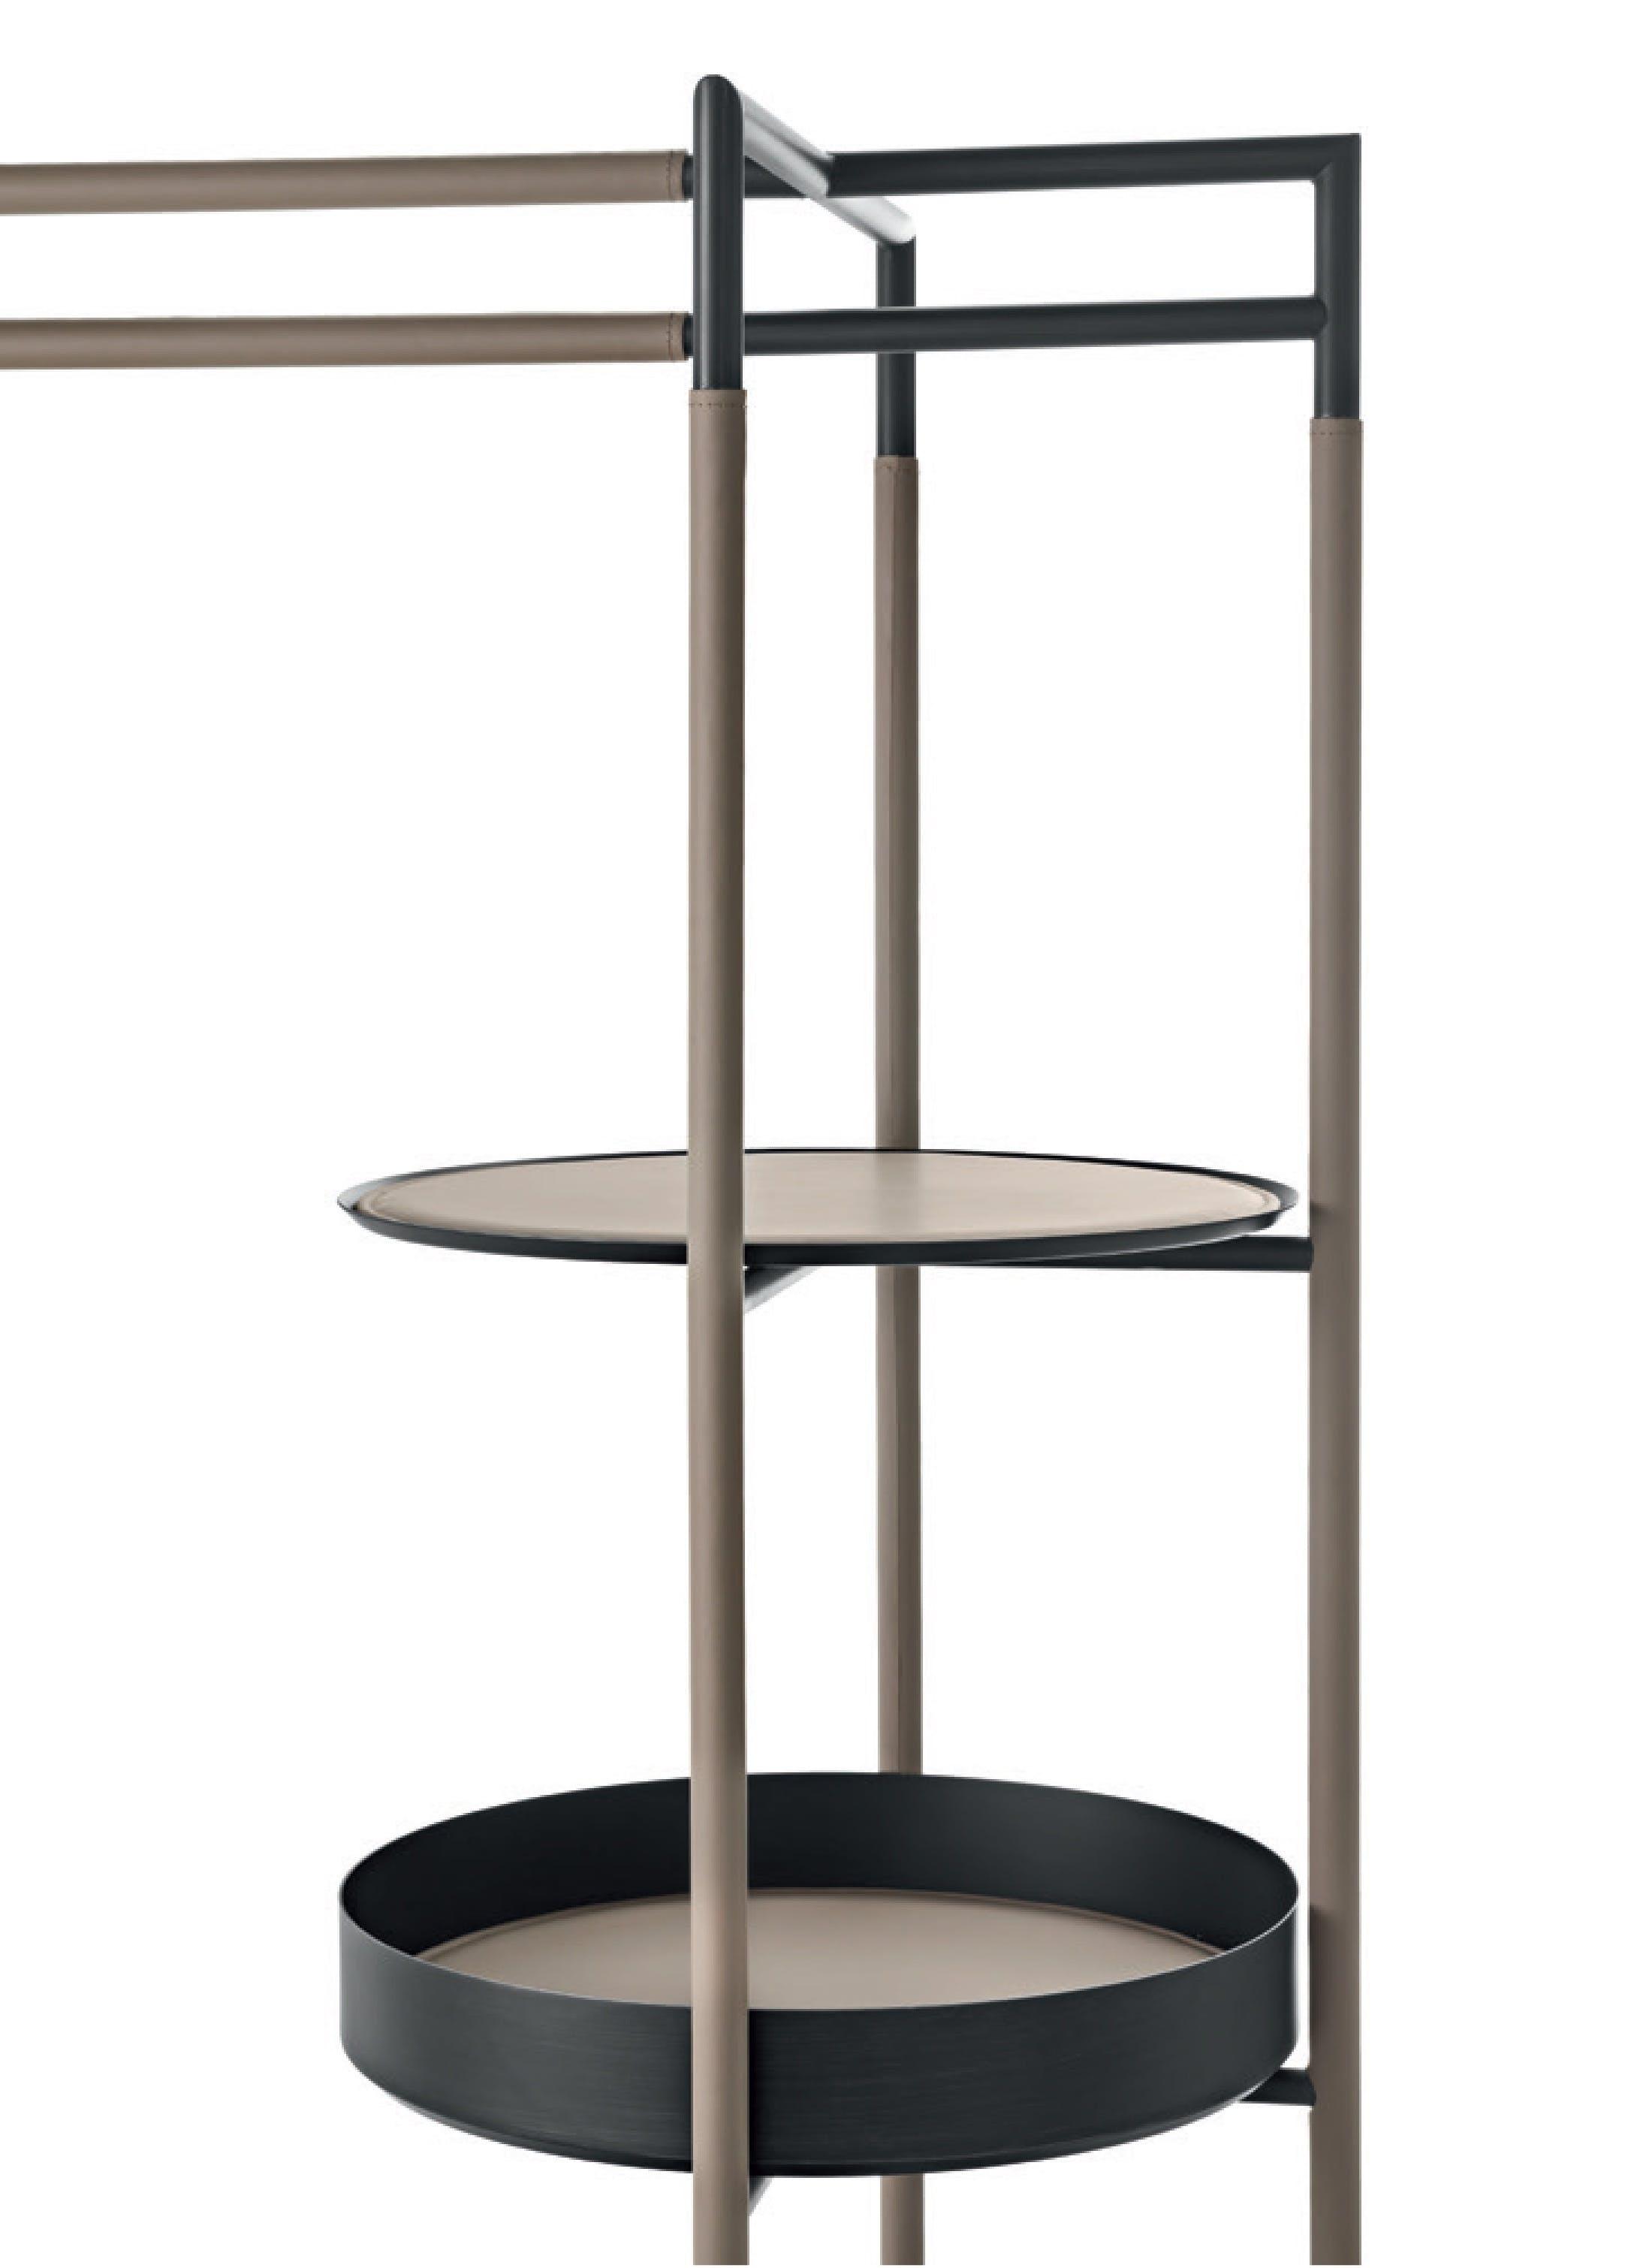 Frag-furniture-detail-bak-valet-stand-haute-living